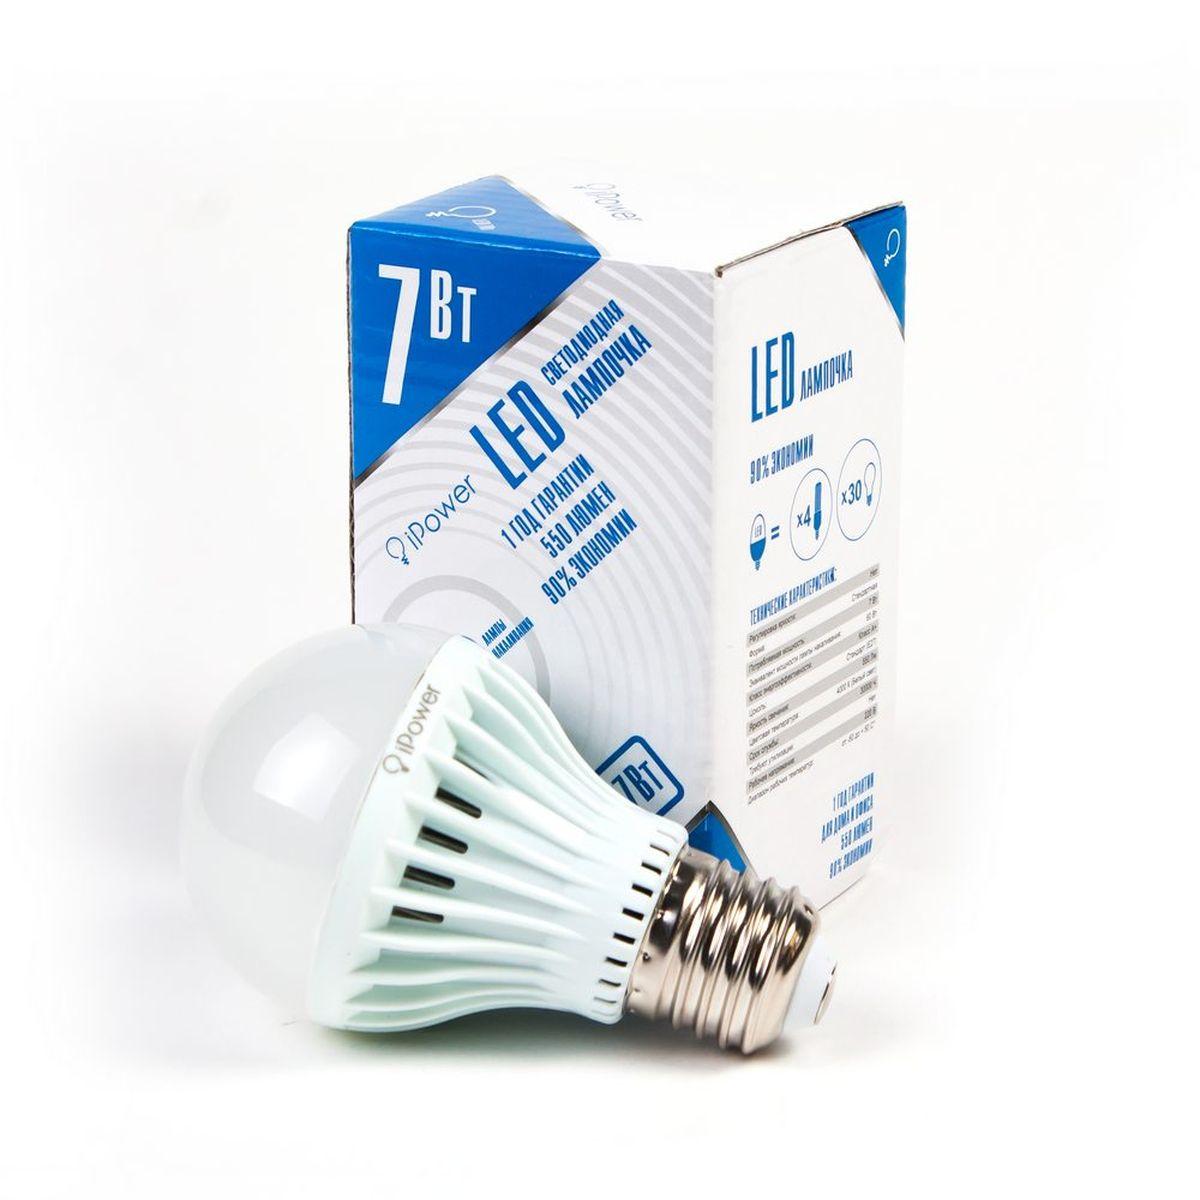 Лампа светодиодная IPower LED, цоколь Е27, 7W, 4000К белый свет1001951Светодиодная лампочка iPower IPHB7W4000KE27 LED лампочка iPower имеет очень низкое энергопотребление, в сравнении с лампами накаливания LED потребляет в 12 раз меньше электричества, а в сравнении с энергосберегающими в 2-4 раз меньше. При этом срок службы LED лампочки в 5 раз выше, чем энергосберегающей, и в 50 раз выше, чем у лампы накаливания. Светодиодные лампочки iPower создают мягкий рассеивающий свет без мерцаний, что совершенно безопасно для глаз. Они специально разработаны по требованиям российских и европейских законов и подходят ко всем осветительным устройствам, совместимым со стандартным цоколем E27. Габариты 34x34x24.5 Гарантия 12 мес. Диапазон рабочих температур от -50 до +50 °С Материал Поликарбонат ПартНомер ZGB-QP60S-7 4000K Потребляемая мощность 7 Вт Рабочее напряжение, В 220В Размер 60*100 мм Регулировка яркости Нет Световая температура 4000К (Белый свет) Срок службы 30000 часов Тип упаковки Цветная коробка ...